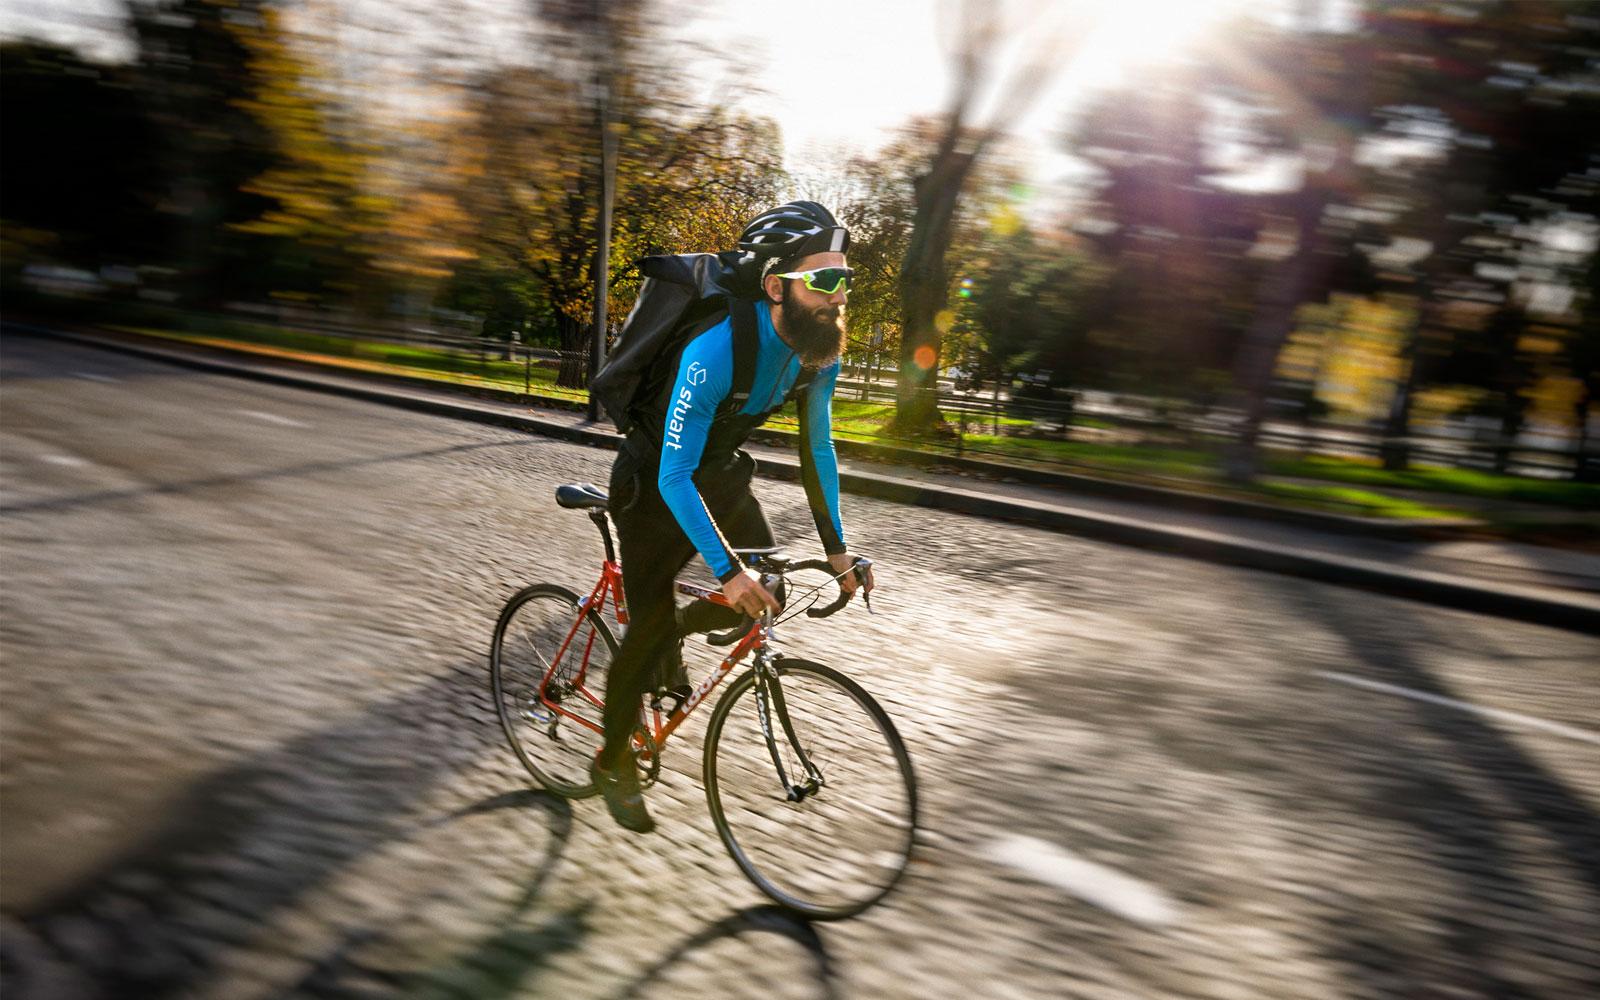 Stuart y veganook´s se alían para llevar a domicilio en bici comida vegetariana y vegana ciclologística